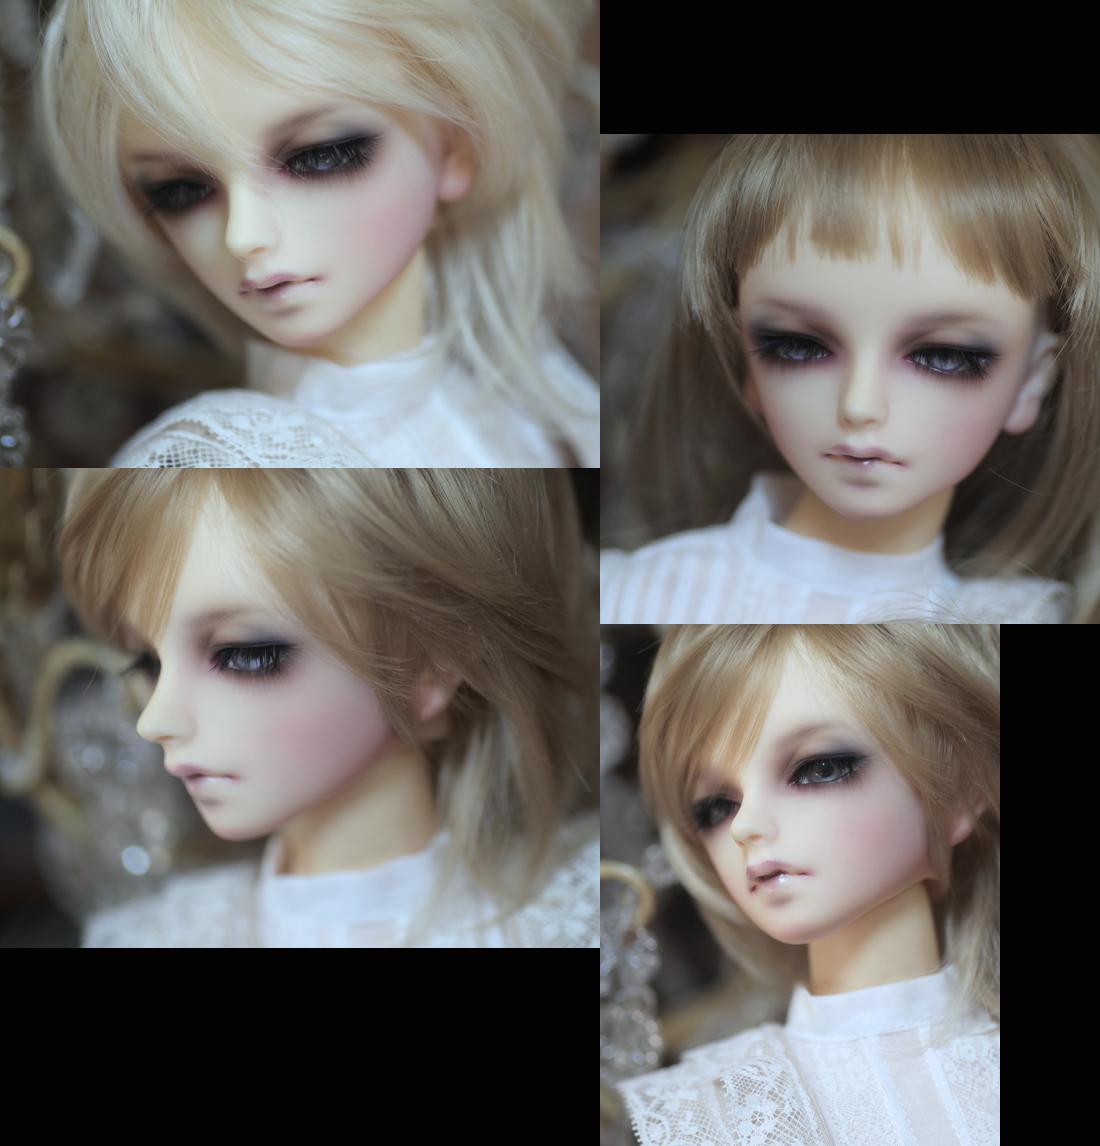 c_touya2.jpg